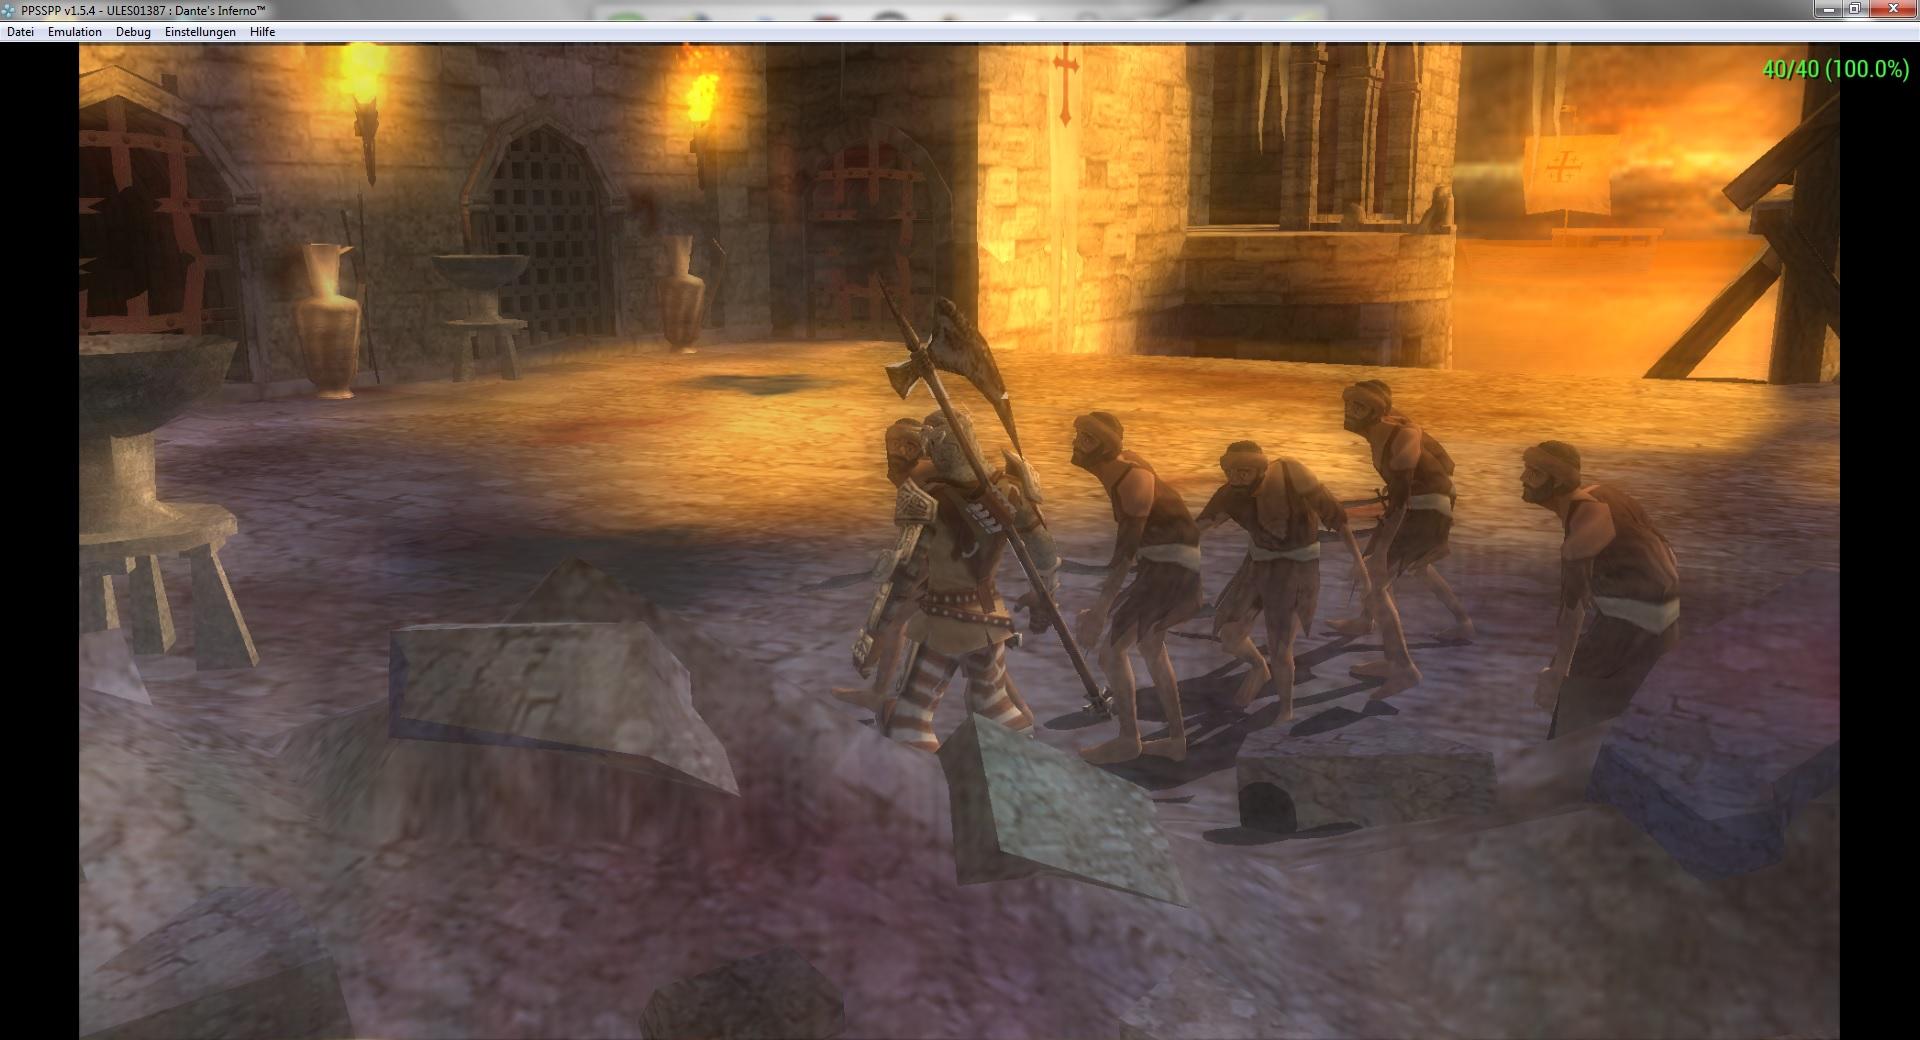 Dante's inferno small screen flicker · Issue #10006